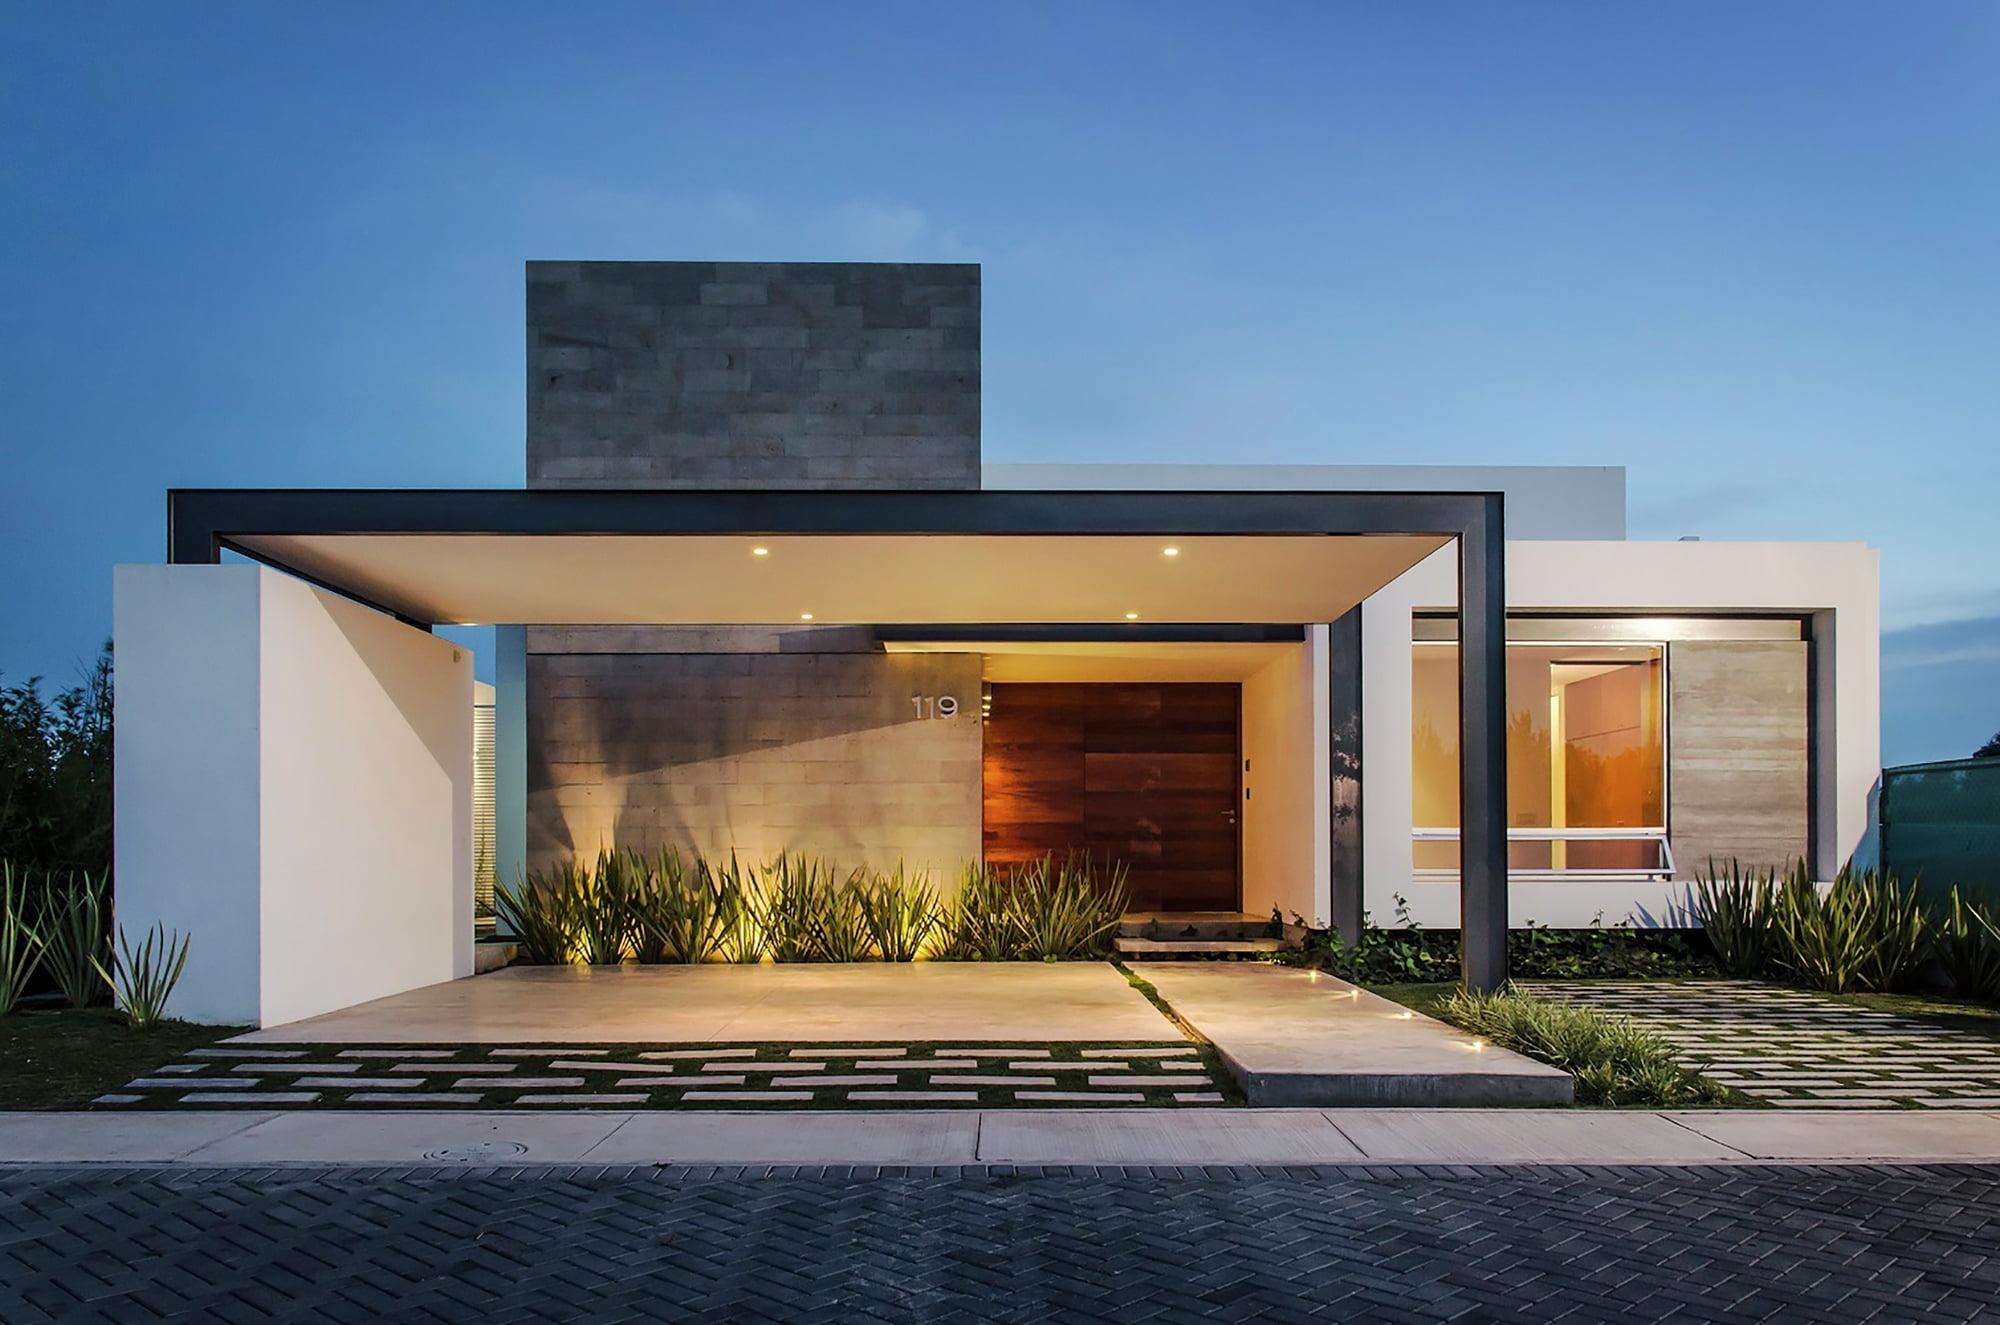 Fachada frontal de la casa | Fotos: Oscar Hernandez / Diseño: ADI Arquitectura y diseño de interiores